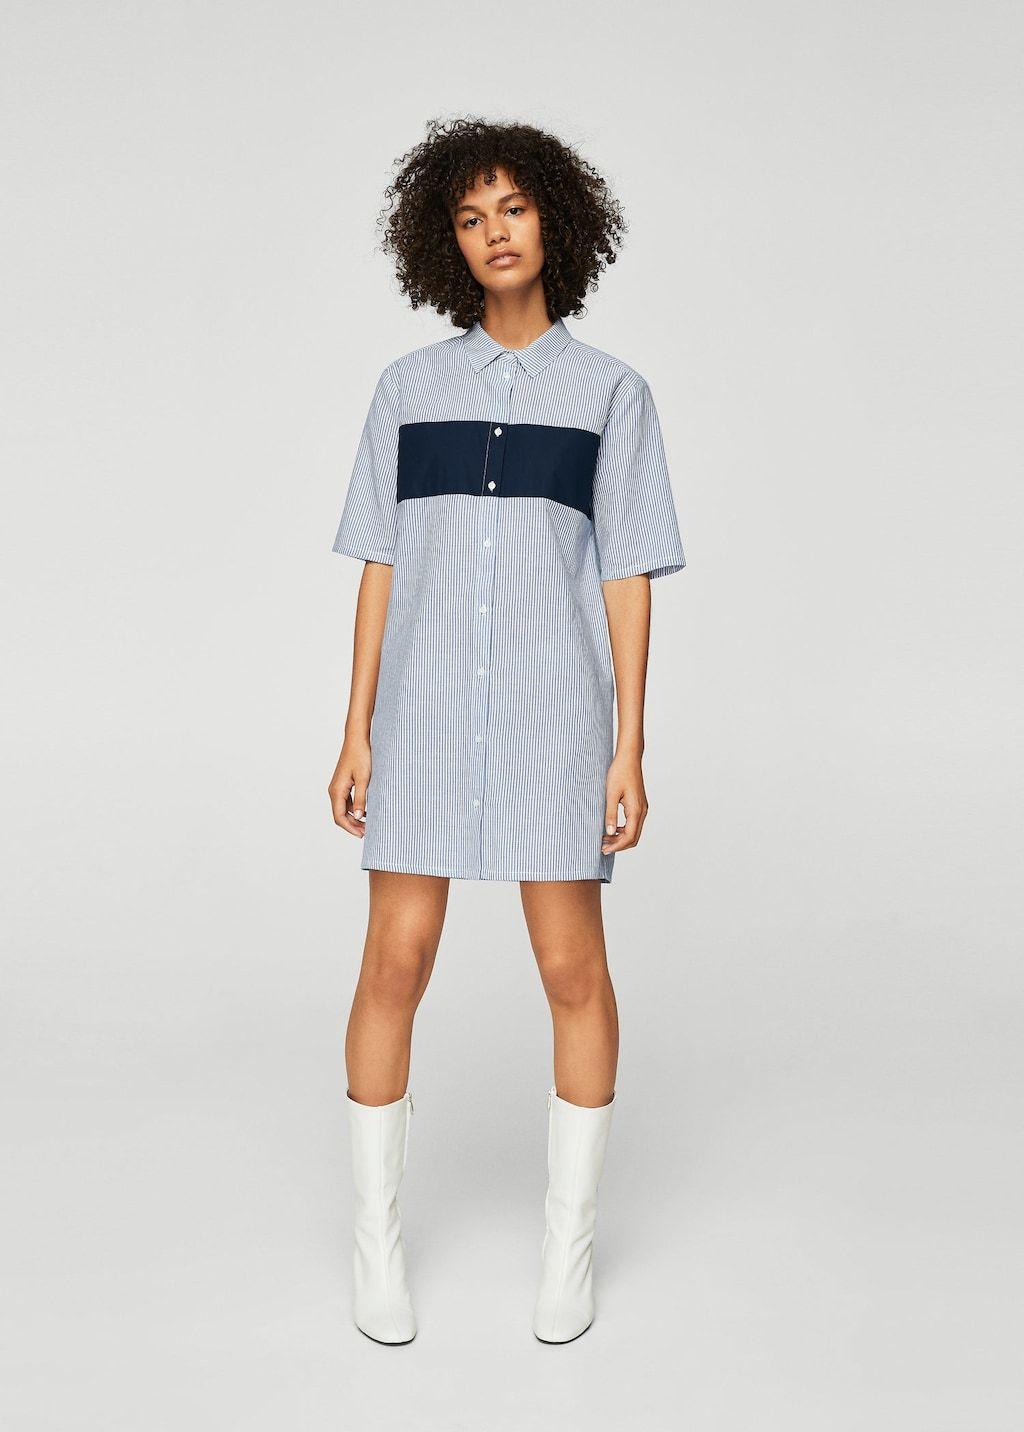 2a99a0382ccd Φόρεμα βαμβακερό στυλ πουκάμισο - Γυναίκα